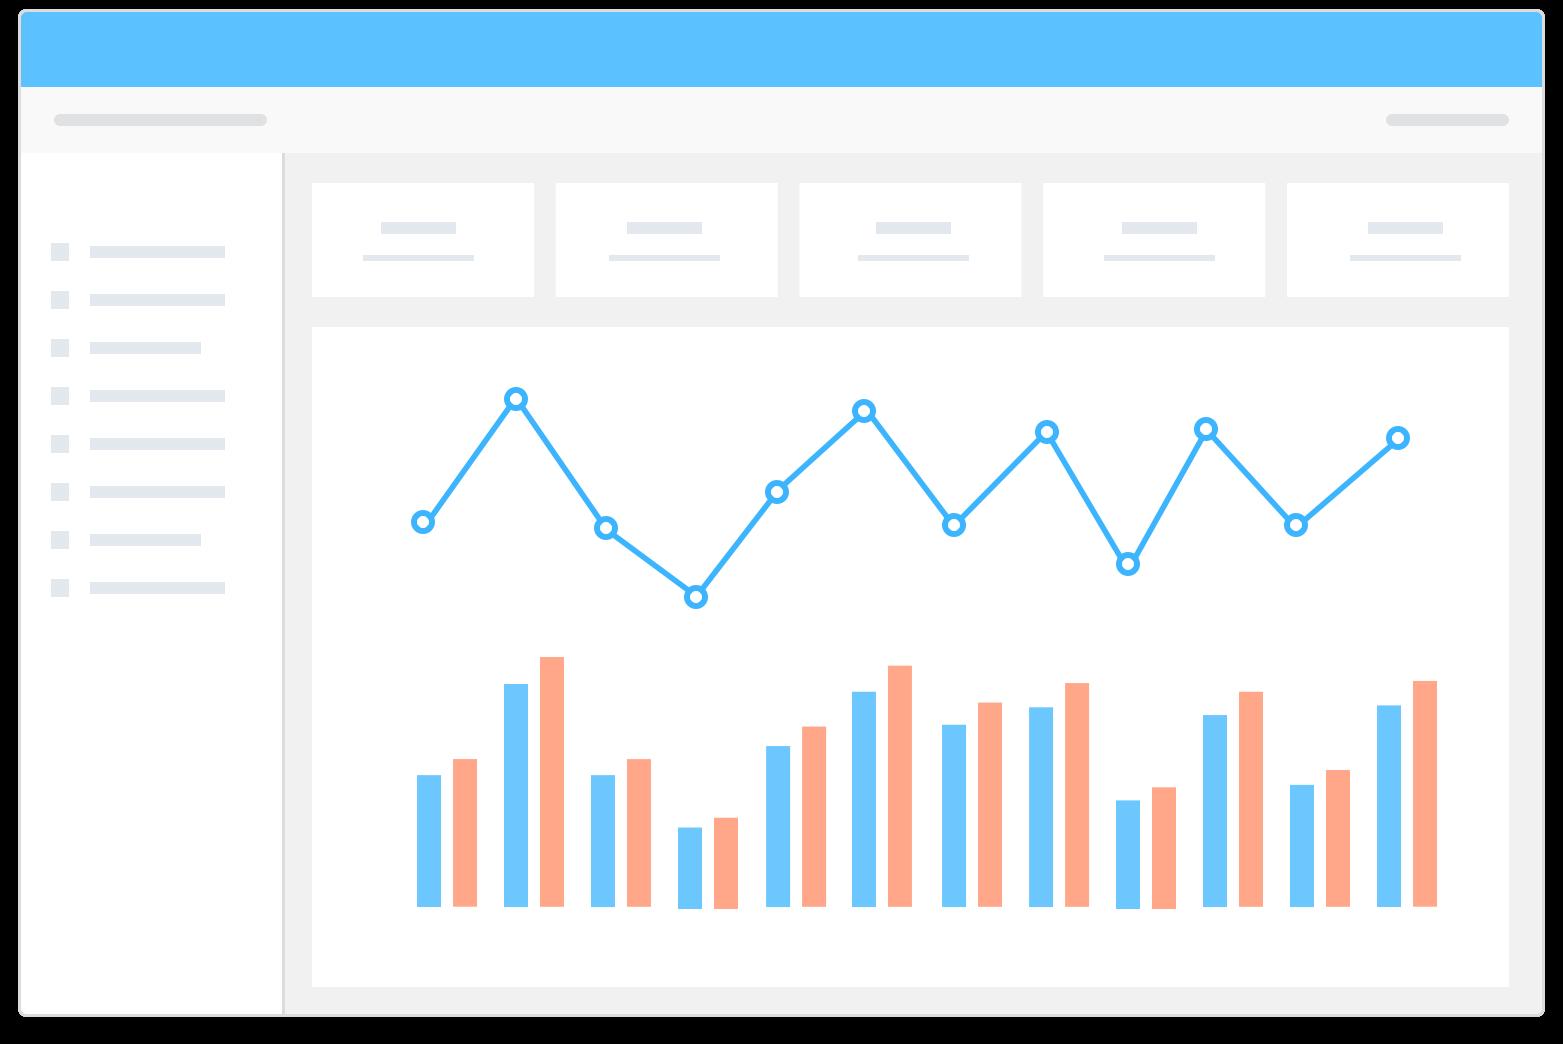 综合分析 — 一眼看穿数据走势